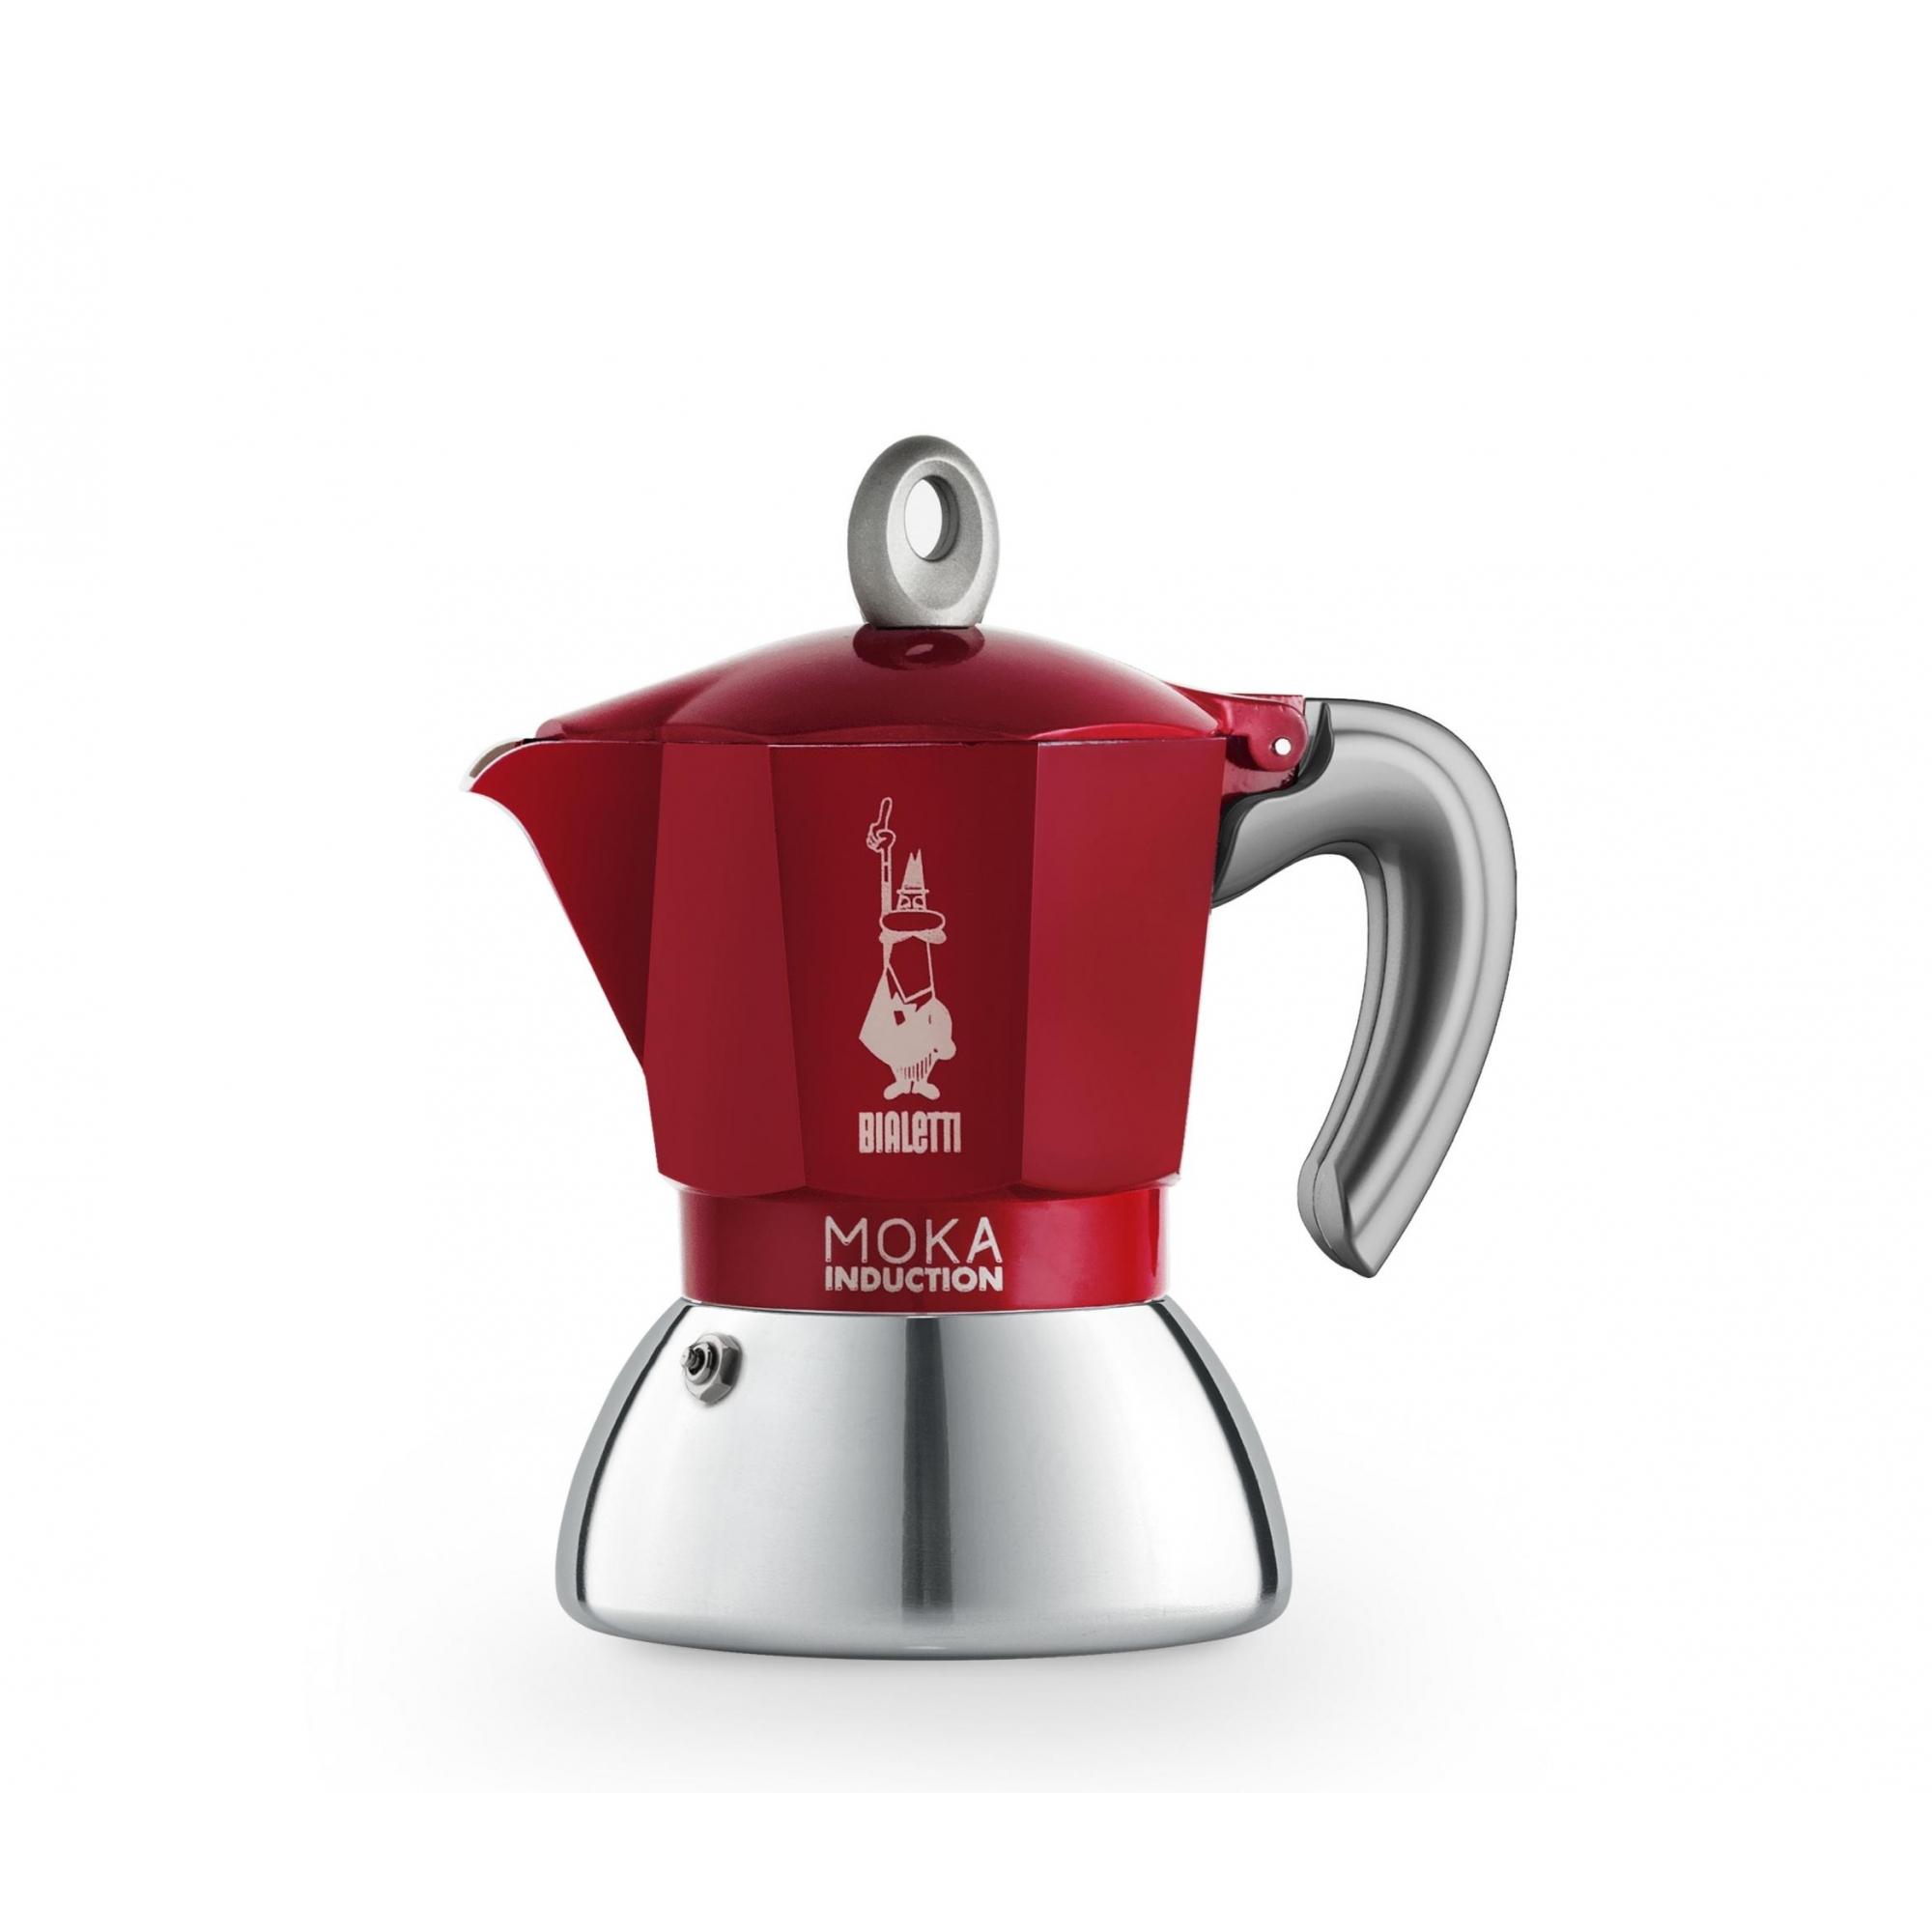 Cafeteira Italiana Moka Induction Vermelha Fogão de indução 6 xícaras Bialetti